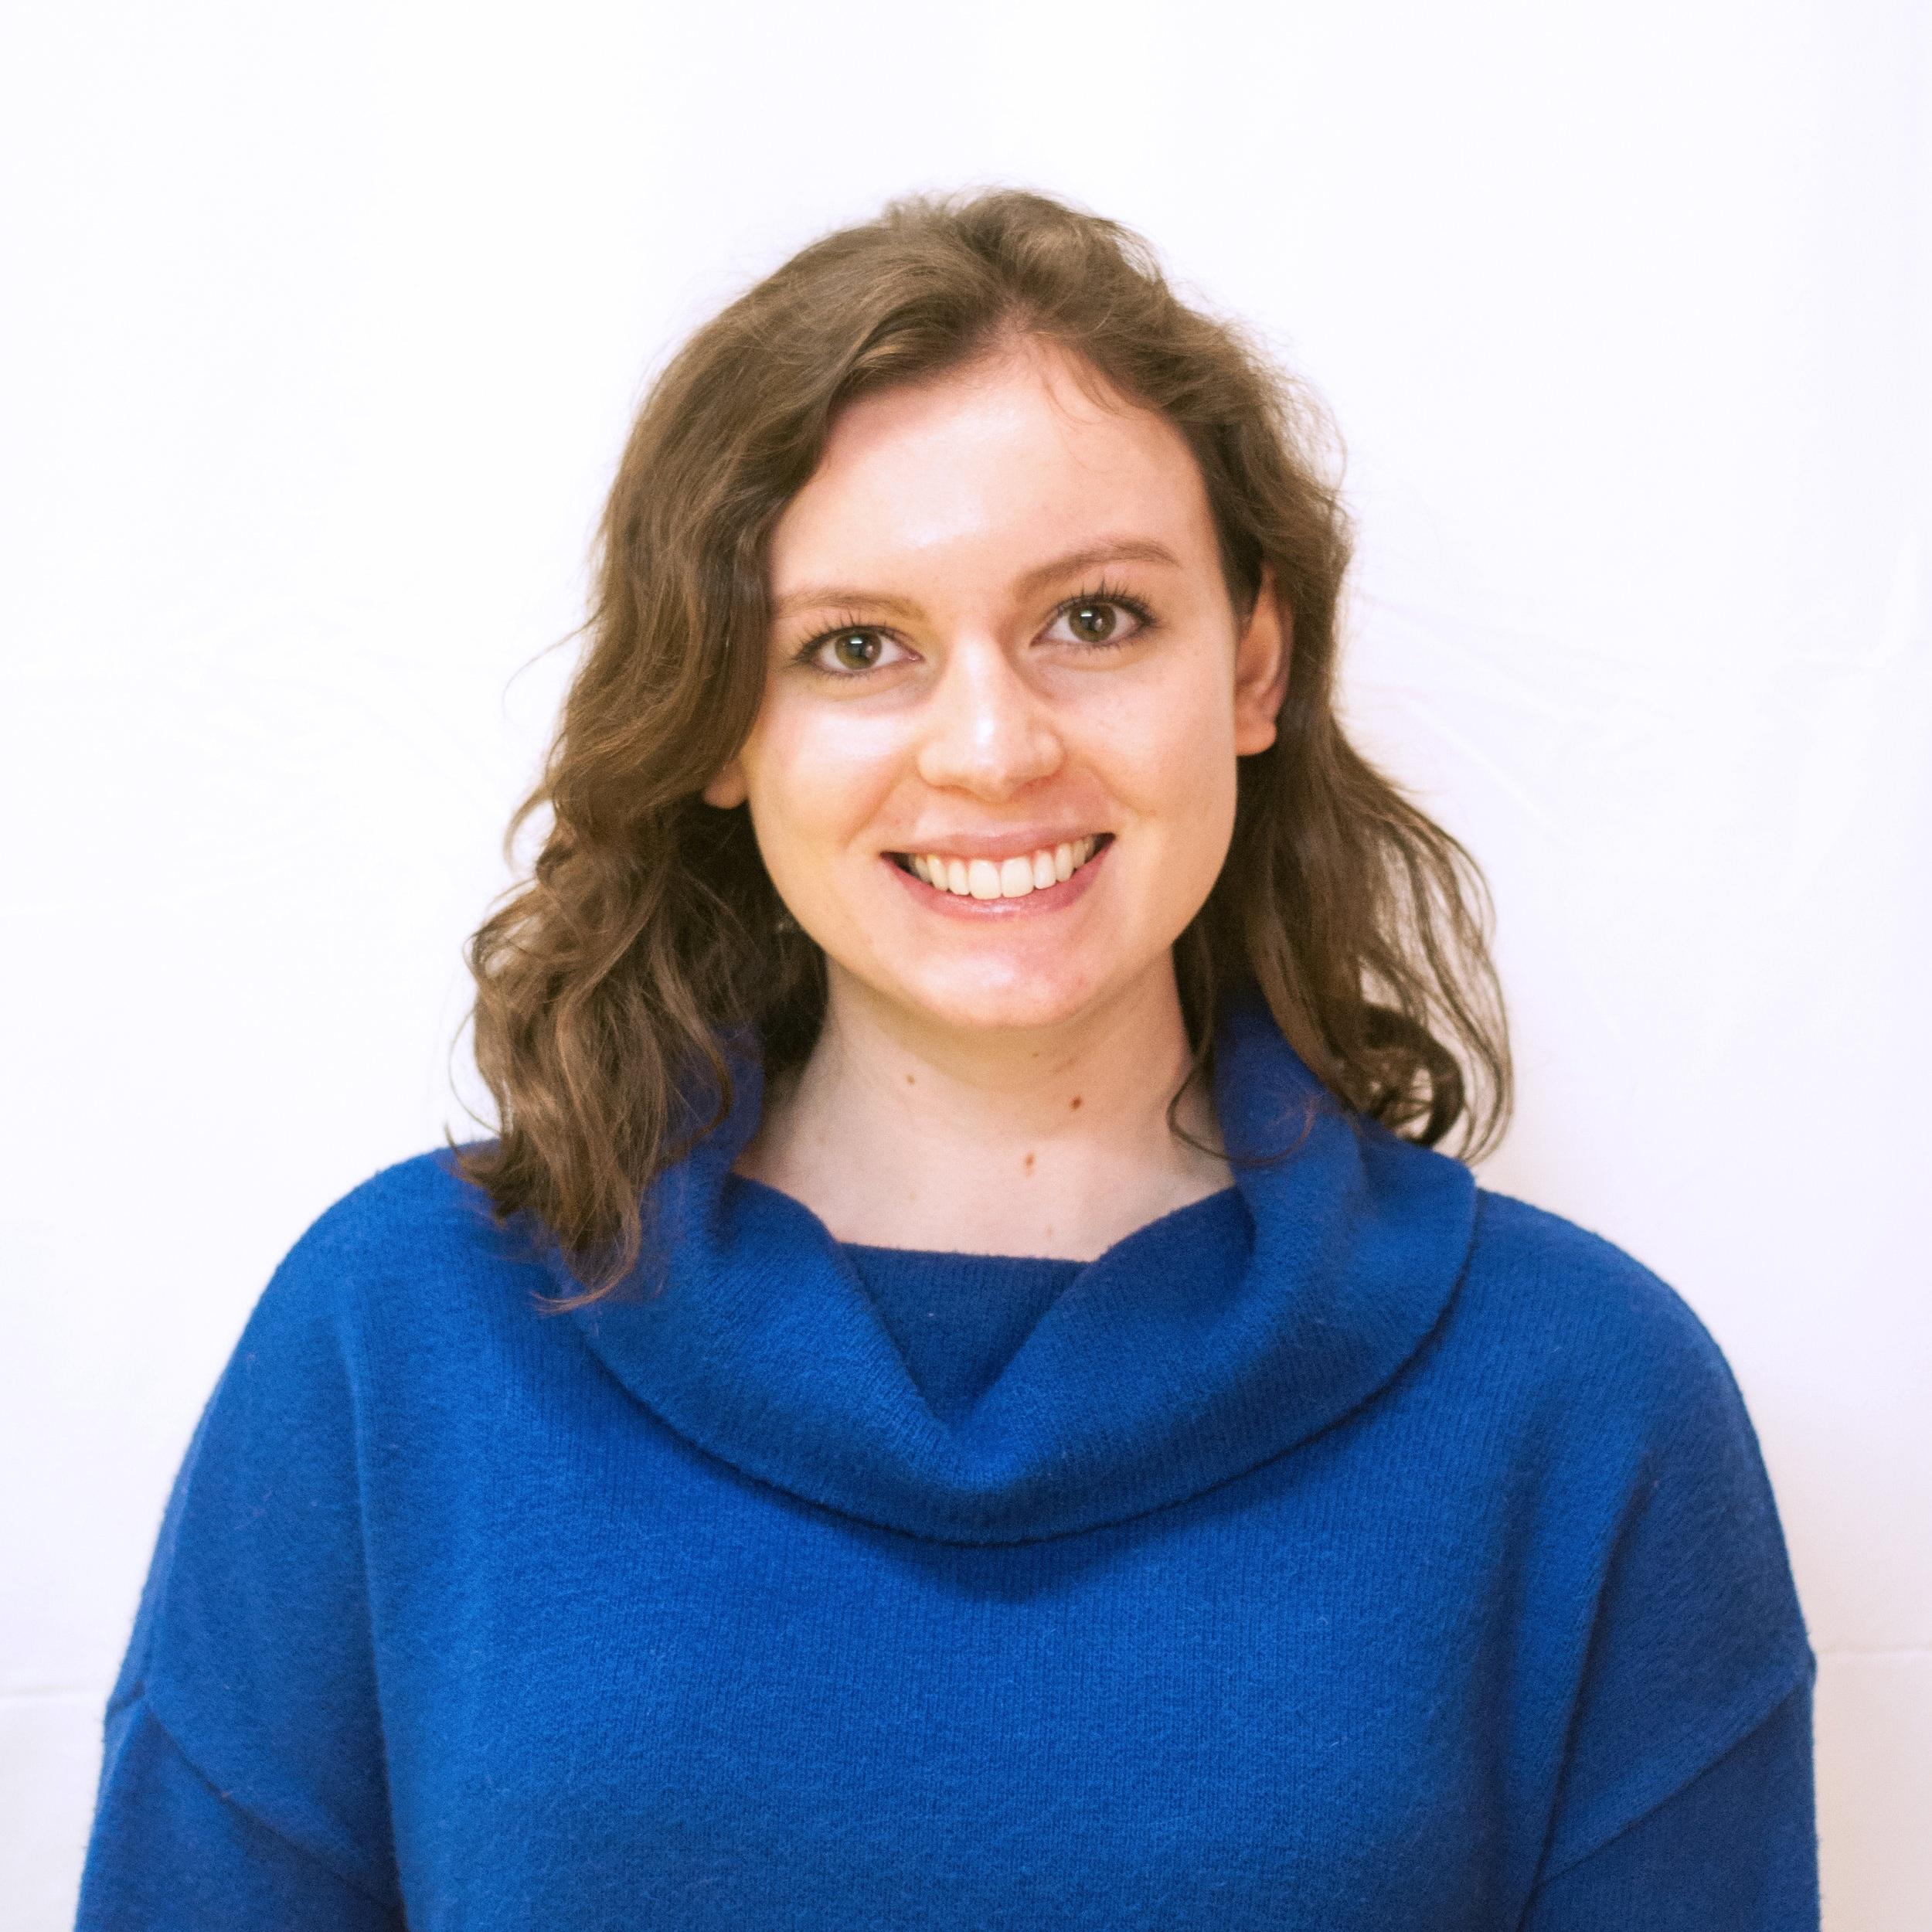 Kenna McRae - Levitation Engineer